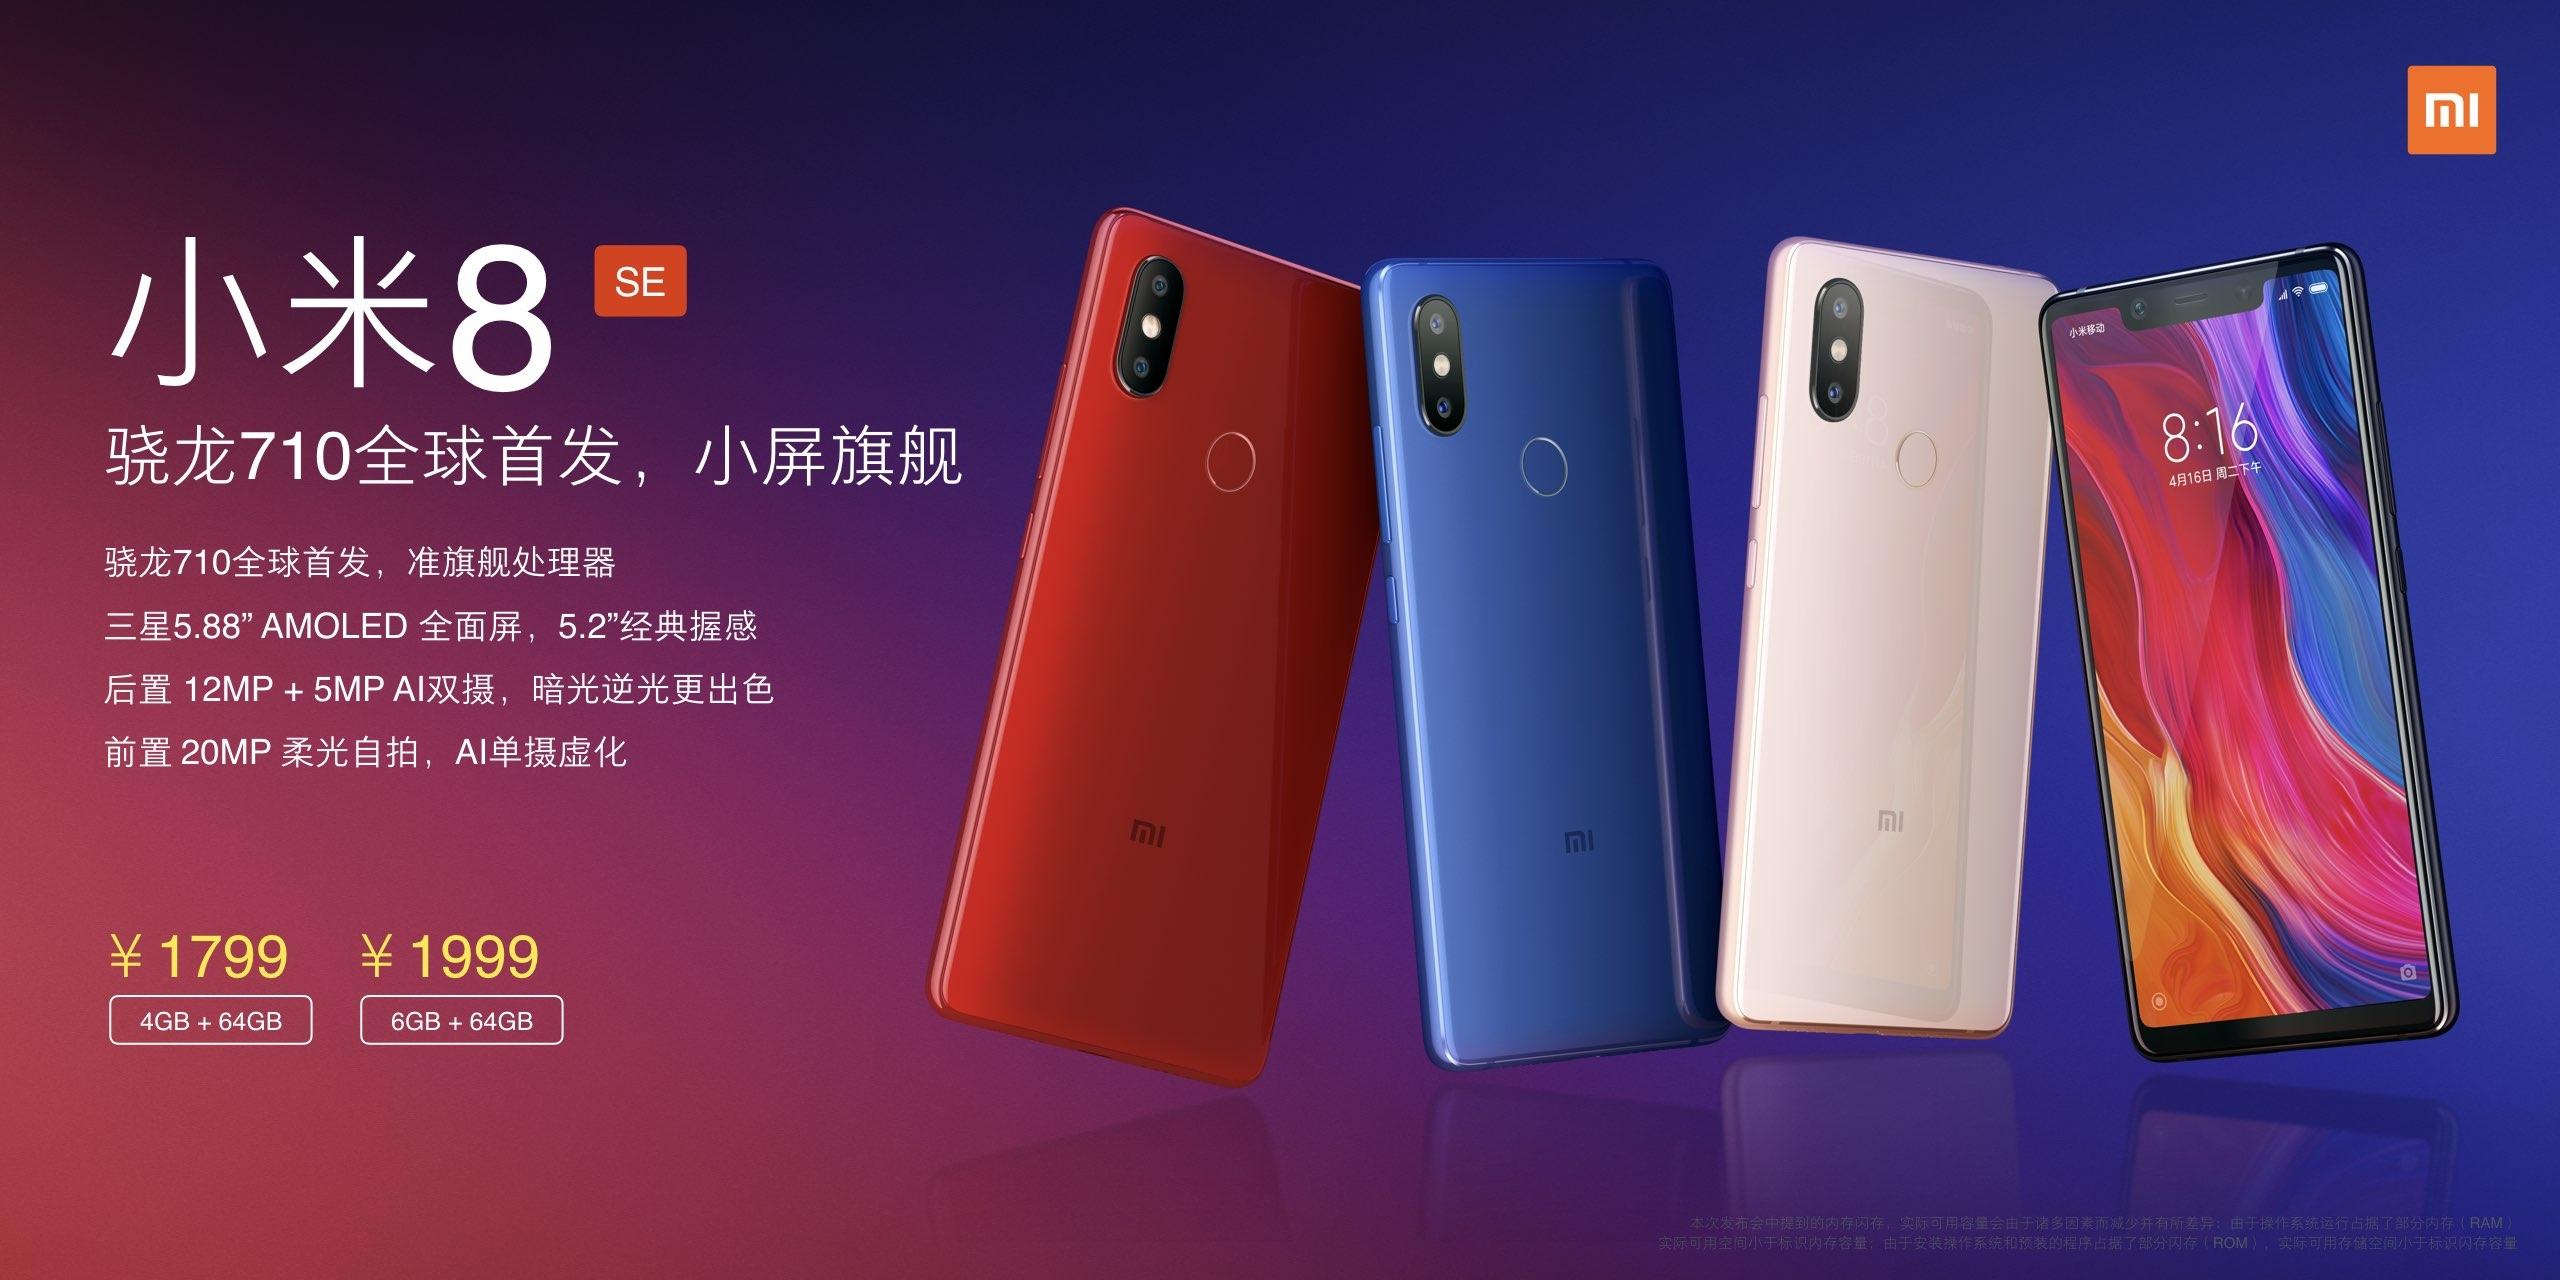 Xiaomi chính thức ra mắt Mi 8/ EE/ SE: Face ID, màn hình tai thỏ, cảm biến vân tay dưới màn hình hình 14